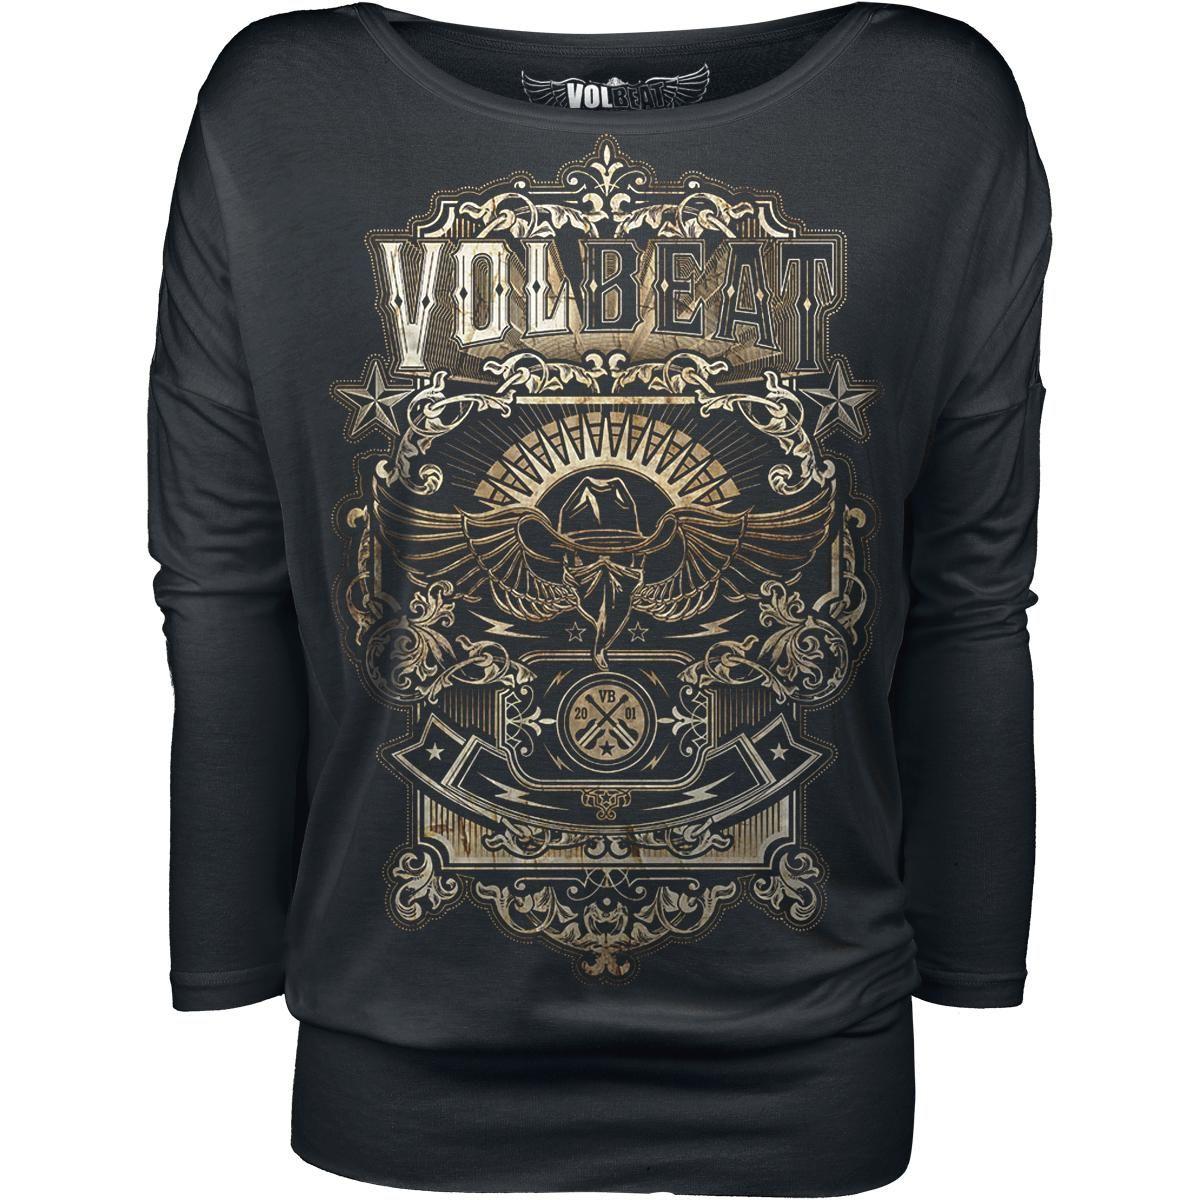 """Jetzt mal ernsthaft: Ob als Shirt, Girlie oder Kapuzenpulli – das """"Old Letters""""-Motiv der dänischen Rock/Metal-Hitfabrik Volbeat sieht einfach nur ohne Ende geil aus! Wie sich das kräftige Gold vom Grundschwarz des Shirts absetzt und wie der Bandschriftzug stolz über dem geflügelten Bandito schwebt – einfach nur """"Above Heaven""""! Können wir ja auch nichts dafür. Das Girl-Shirt kommt mit 3/4-Ärmeln und ist exklusiv nur bei EMP erhältlich."""